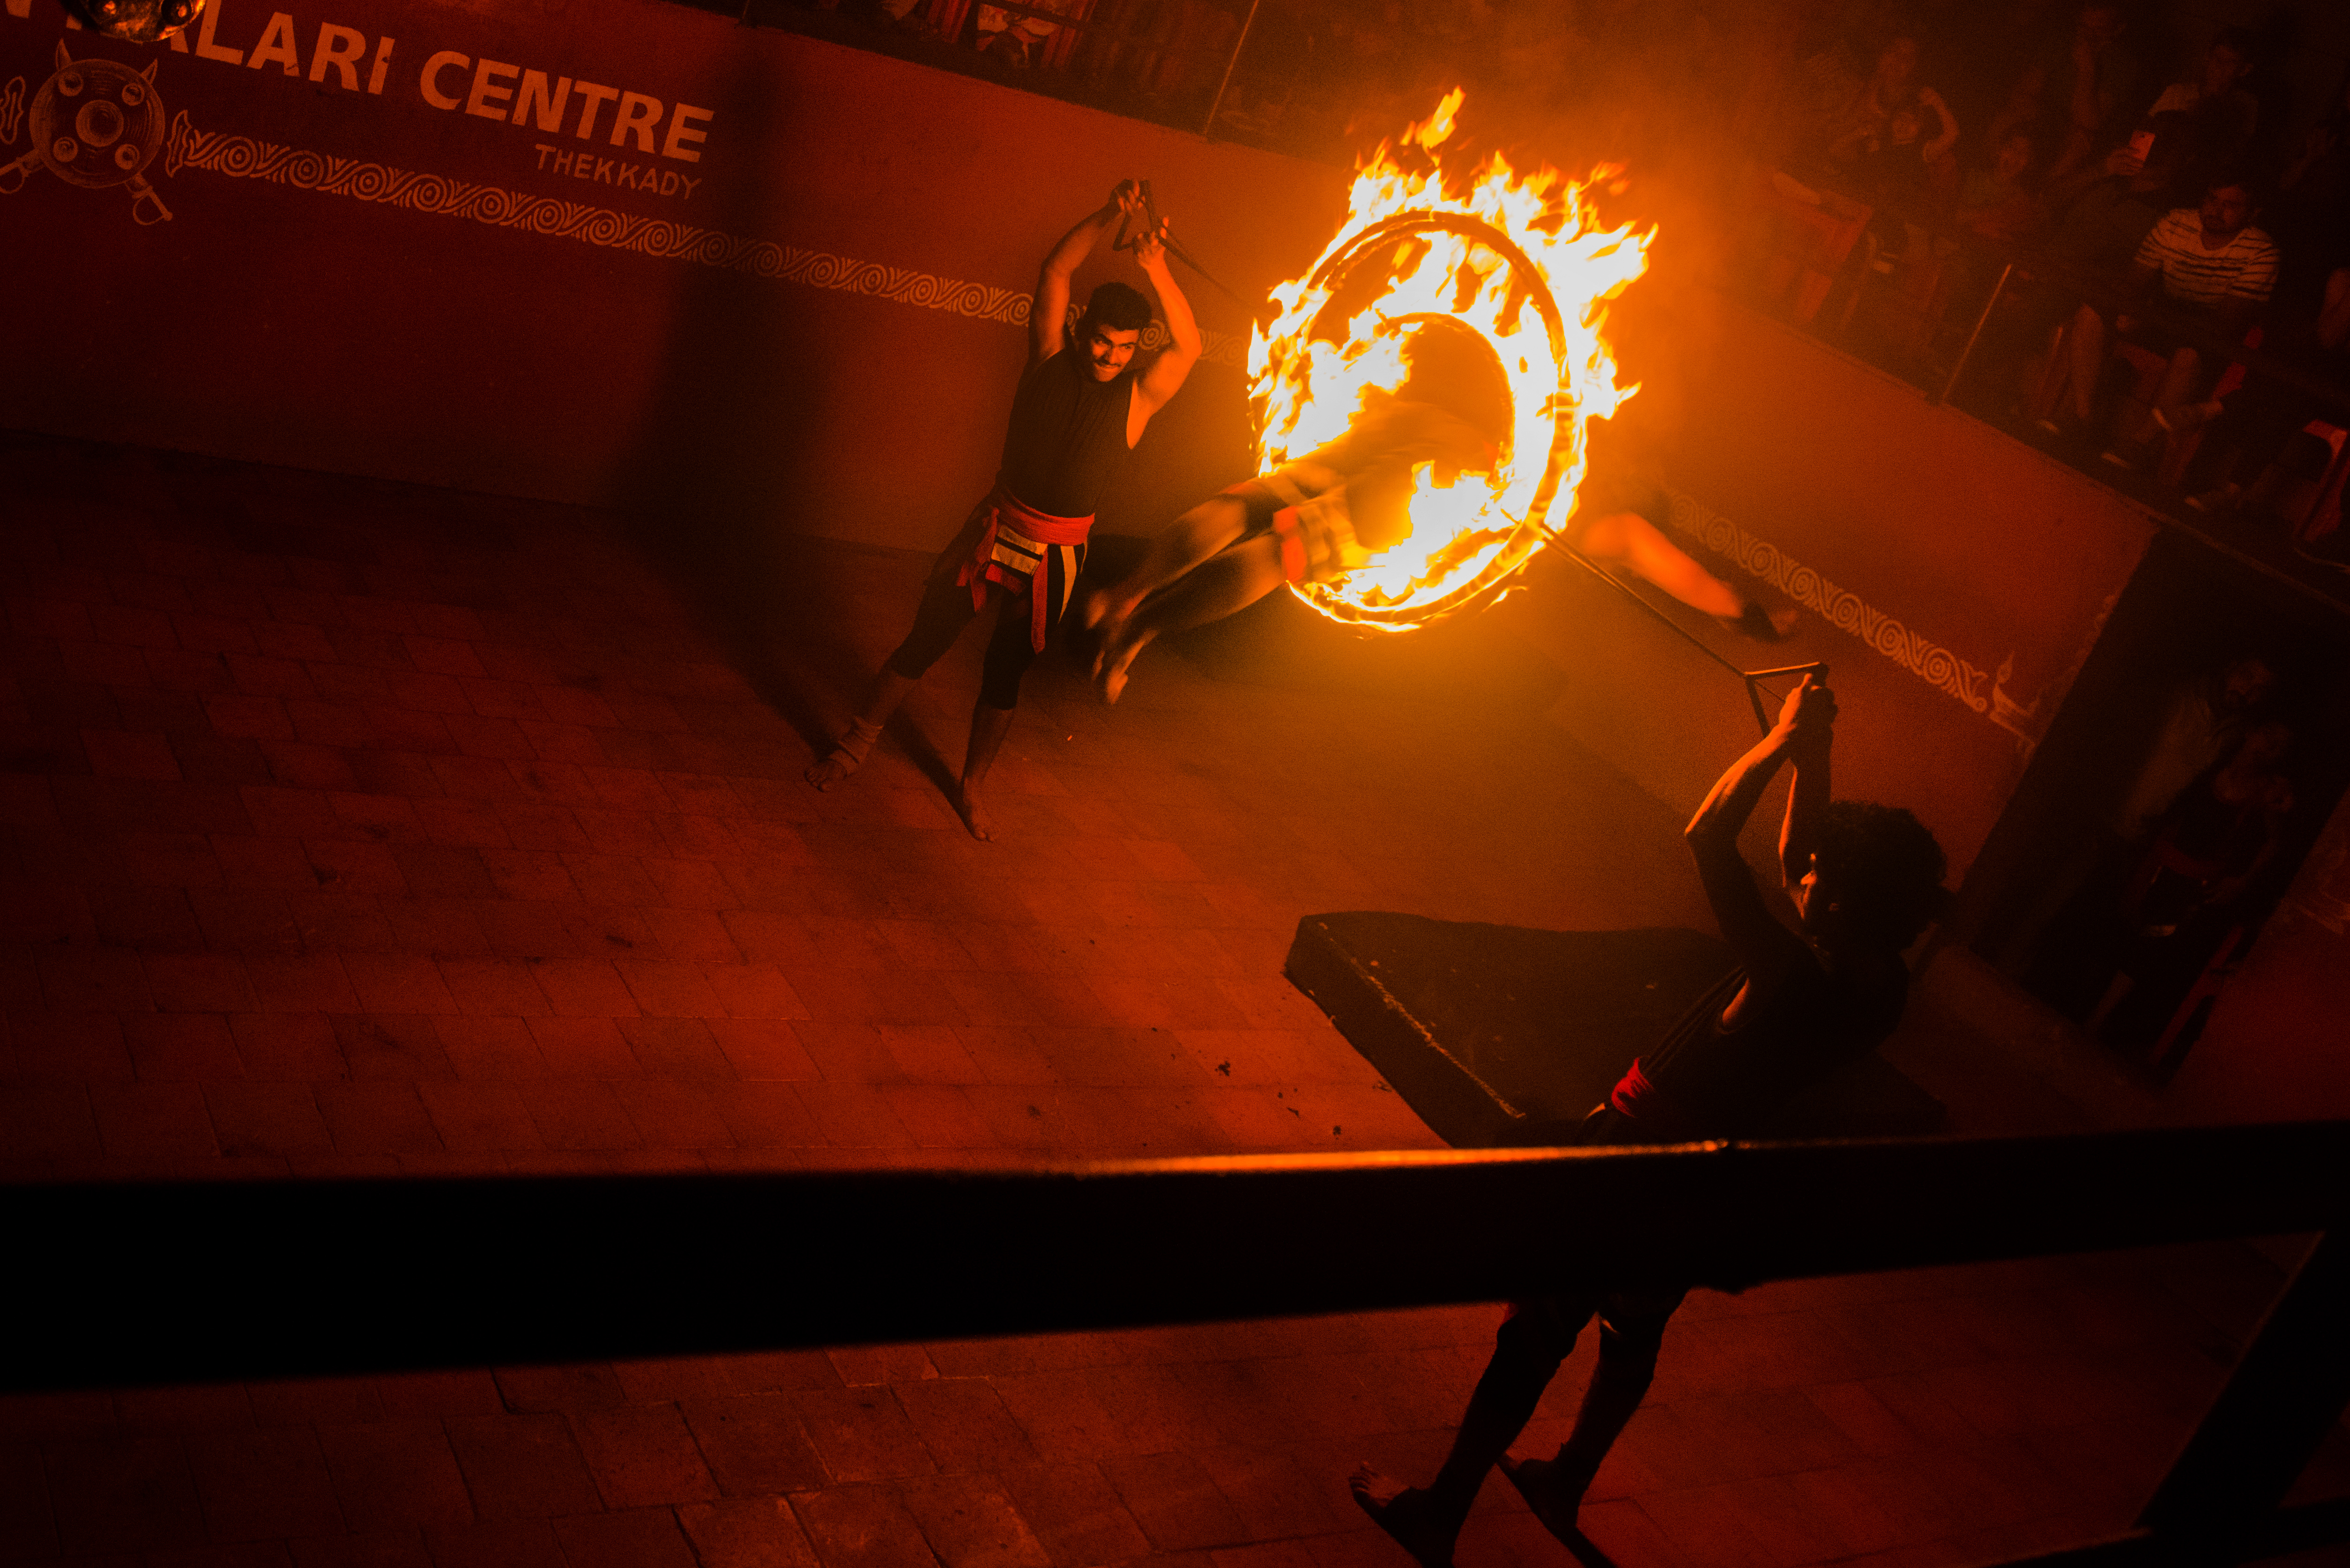 Nel cerchio di fuoco